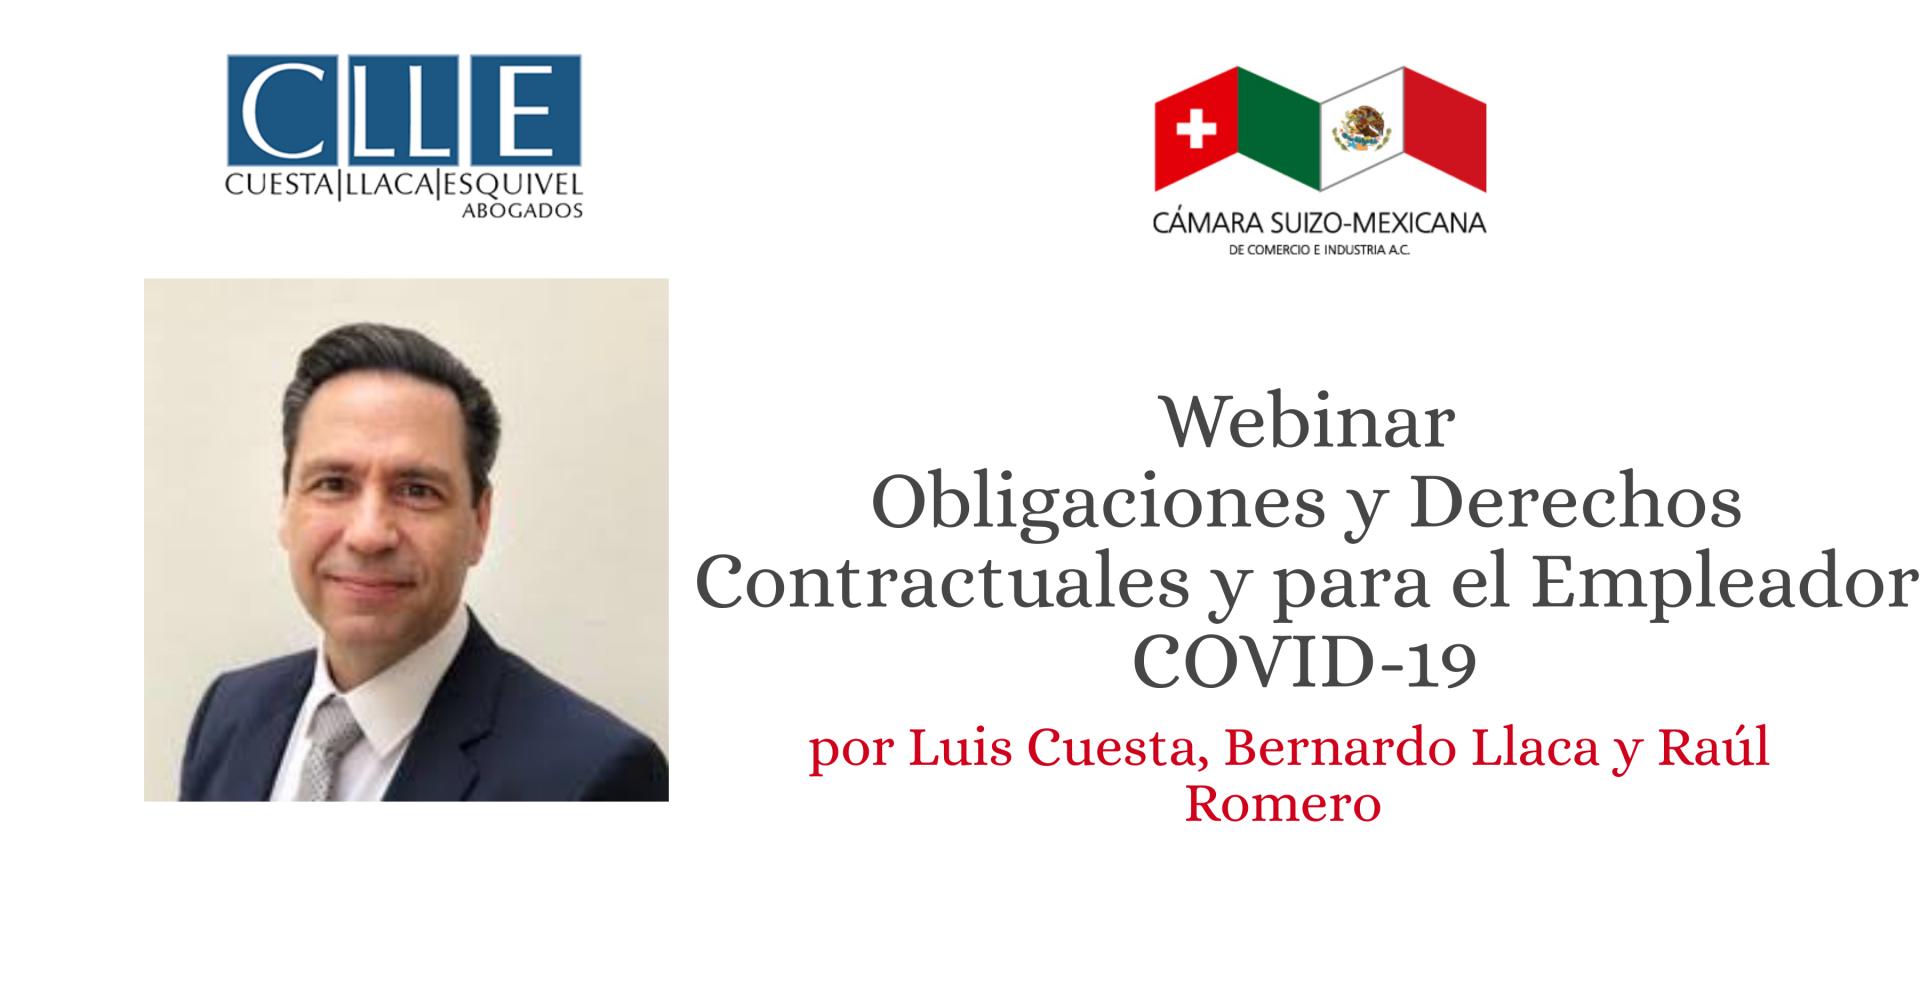 Webinar Obligaciones y Derechos Contractuales y del Empleador durante COVID-19